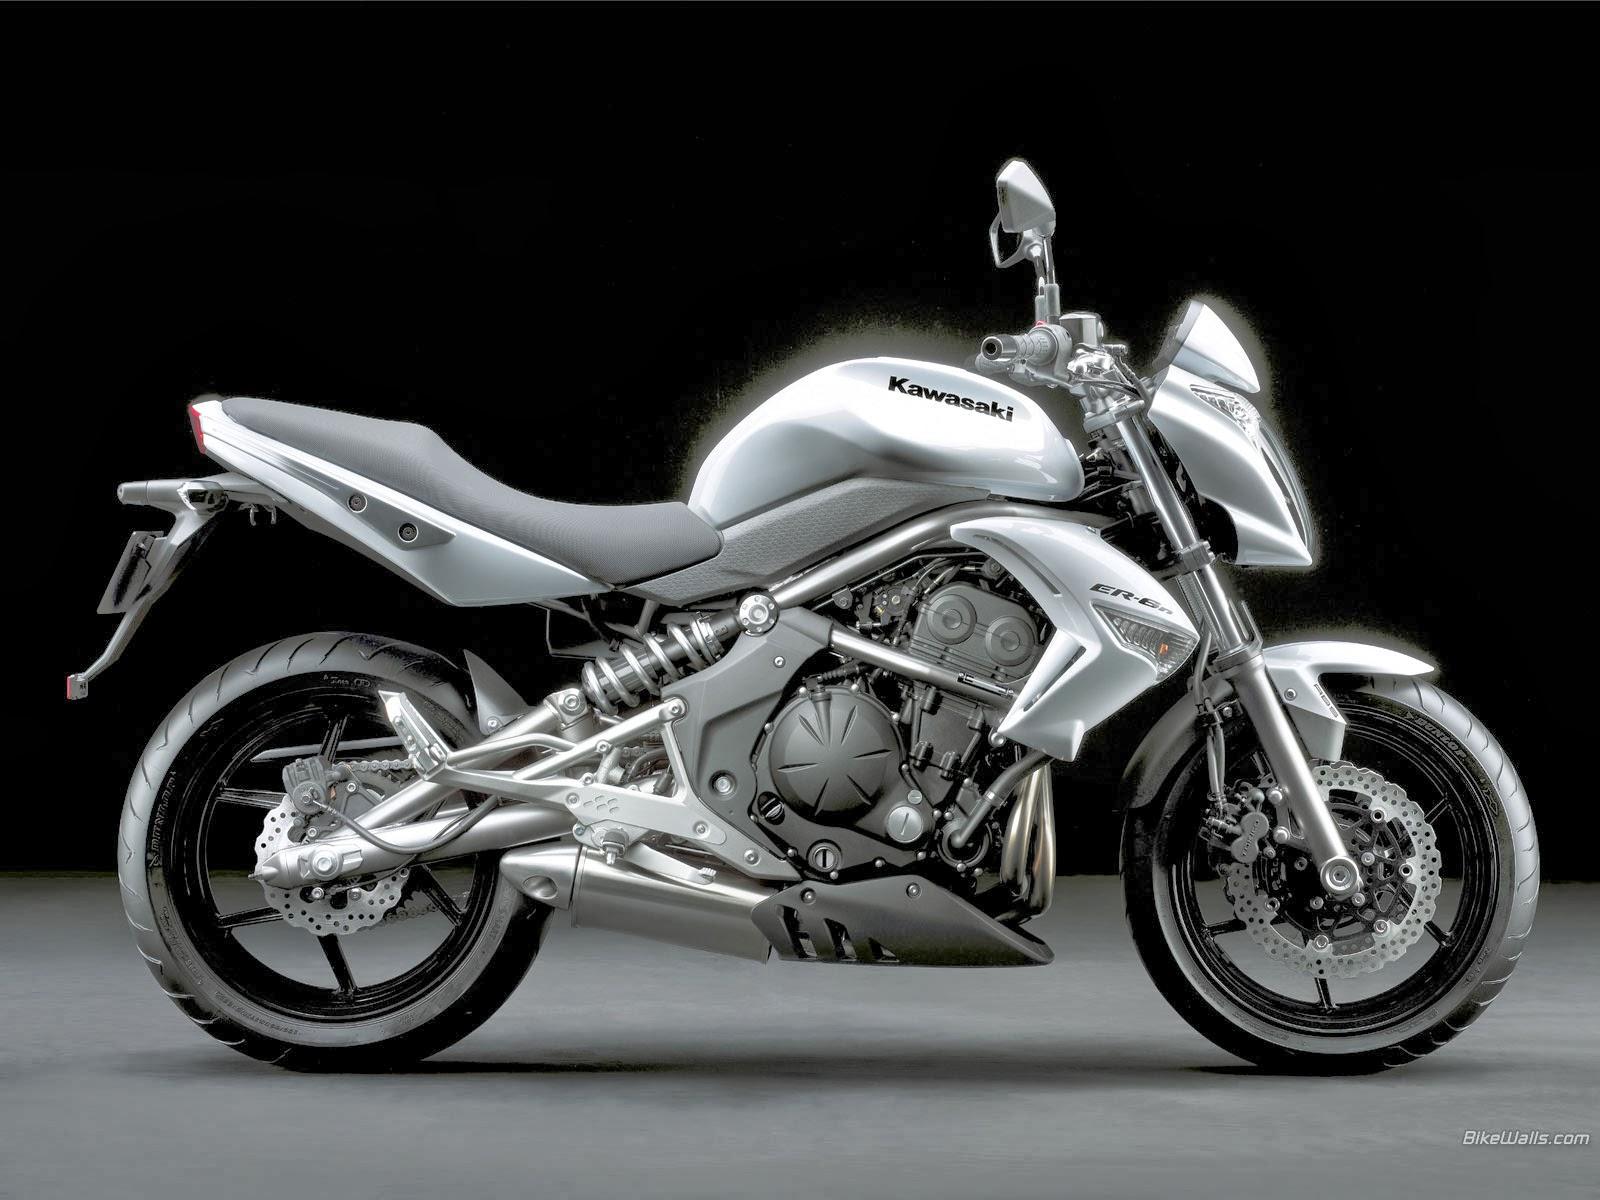 Kawasaki er 6n 2 kawasaki motor kawasaki er 6n altavistaventures Choice Image